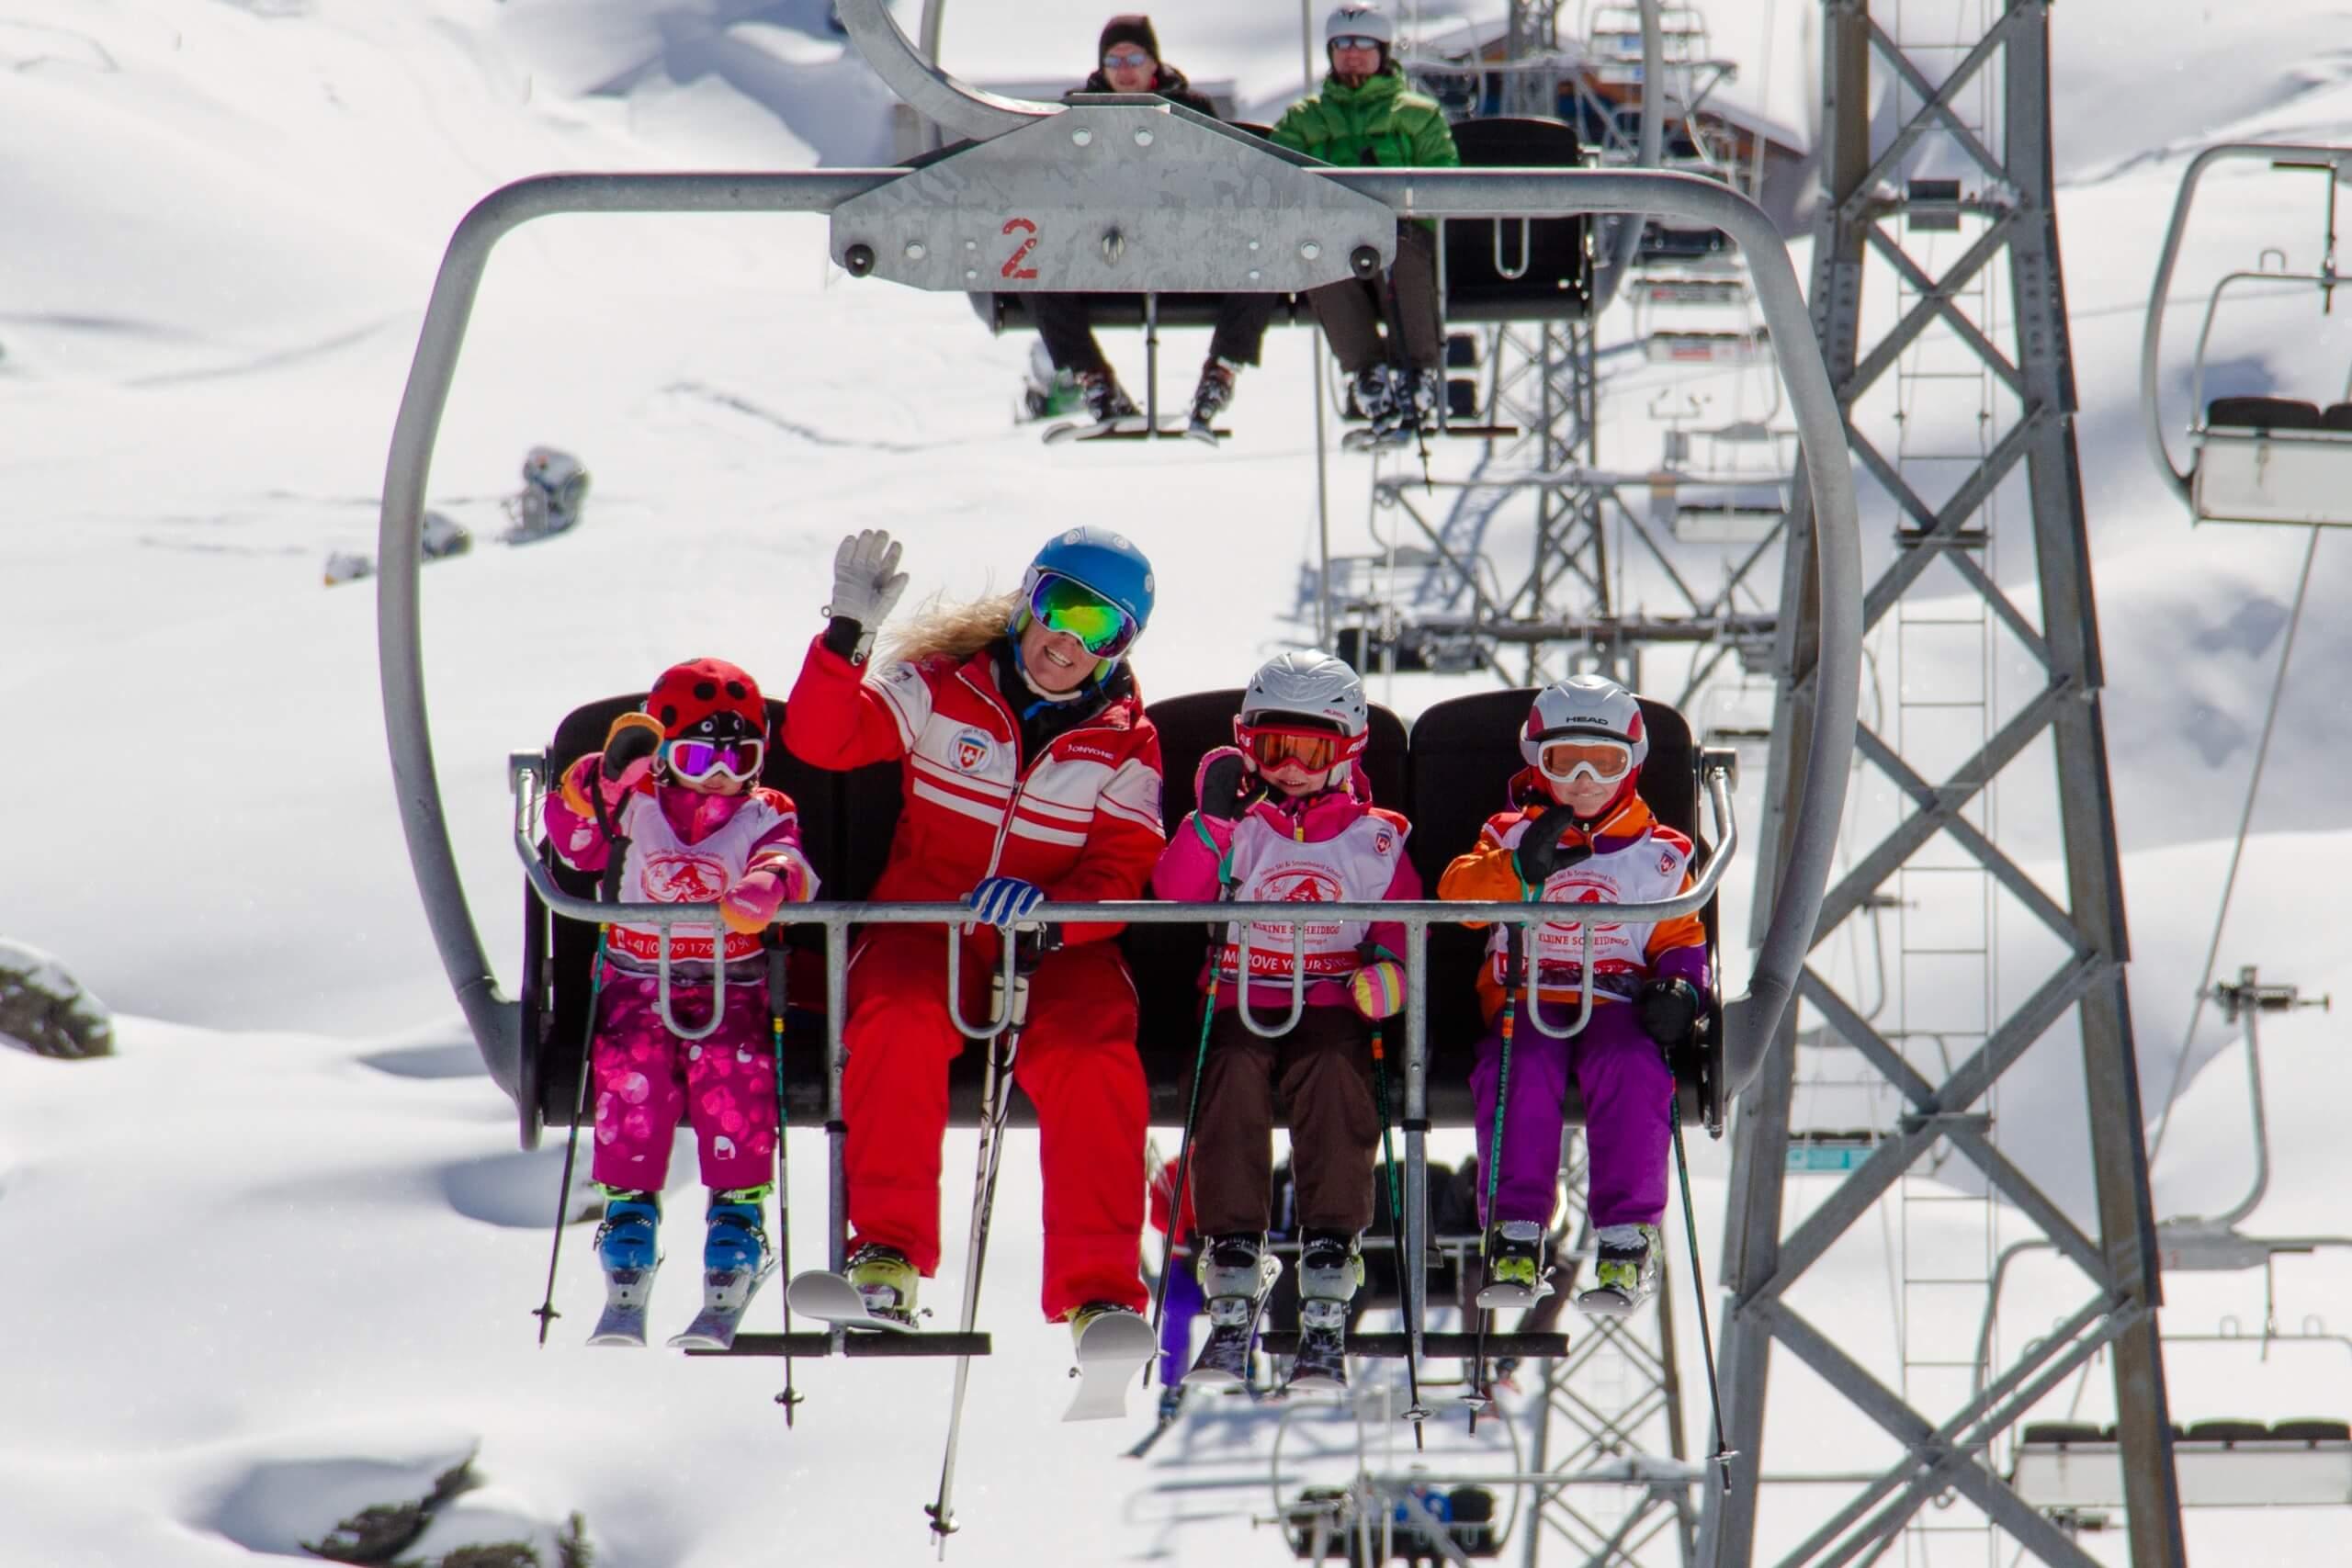 schweizer-skischule-interlaken-kleine-scheidegg-winter-sessellift